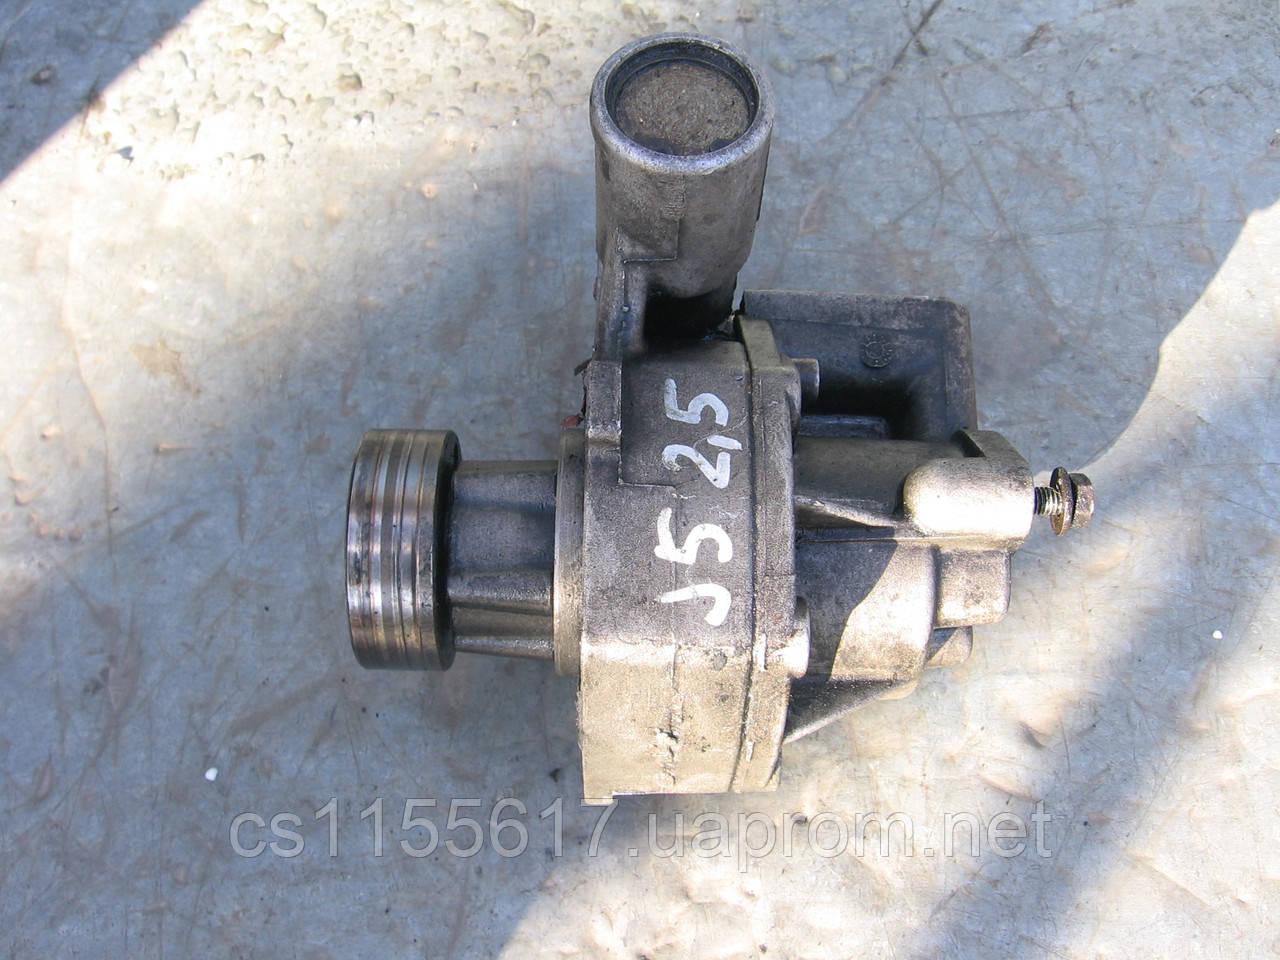 б/у масляный насос 2.5d -94 peugeot j5